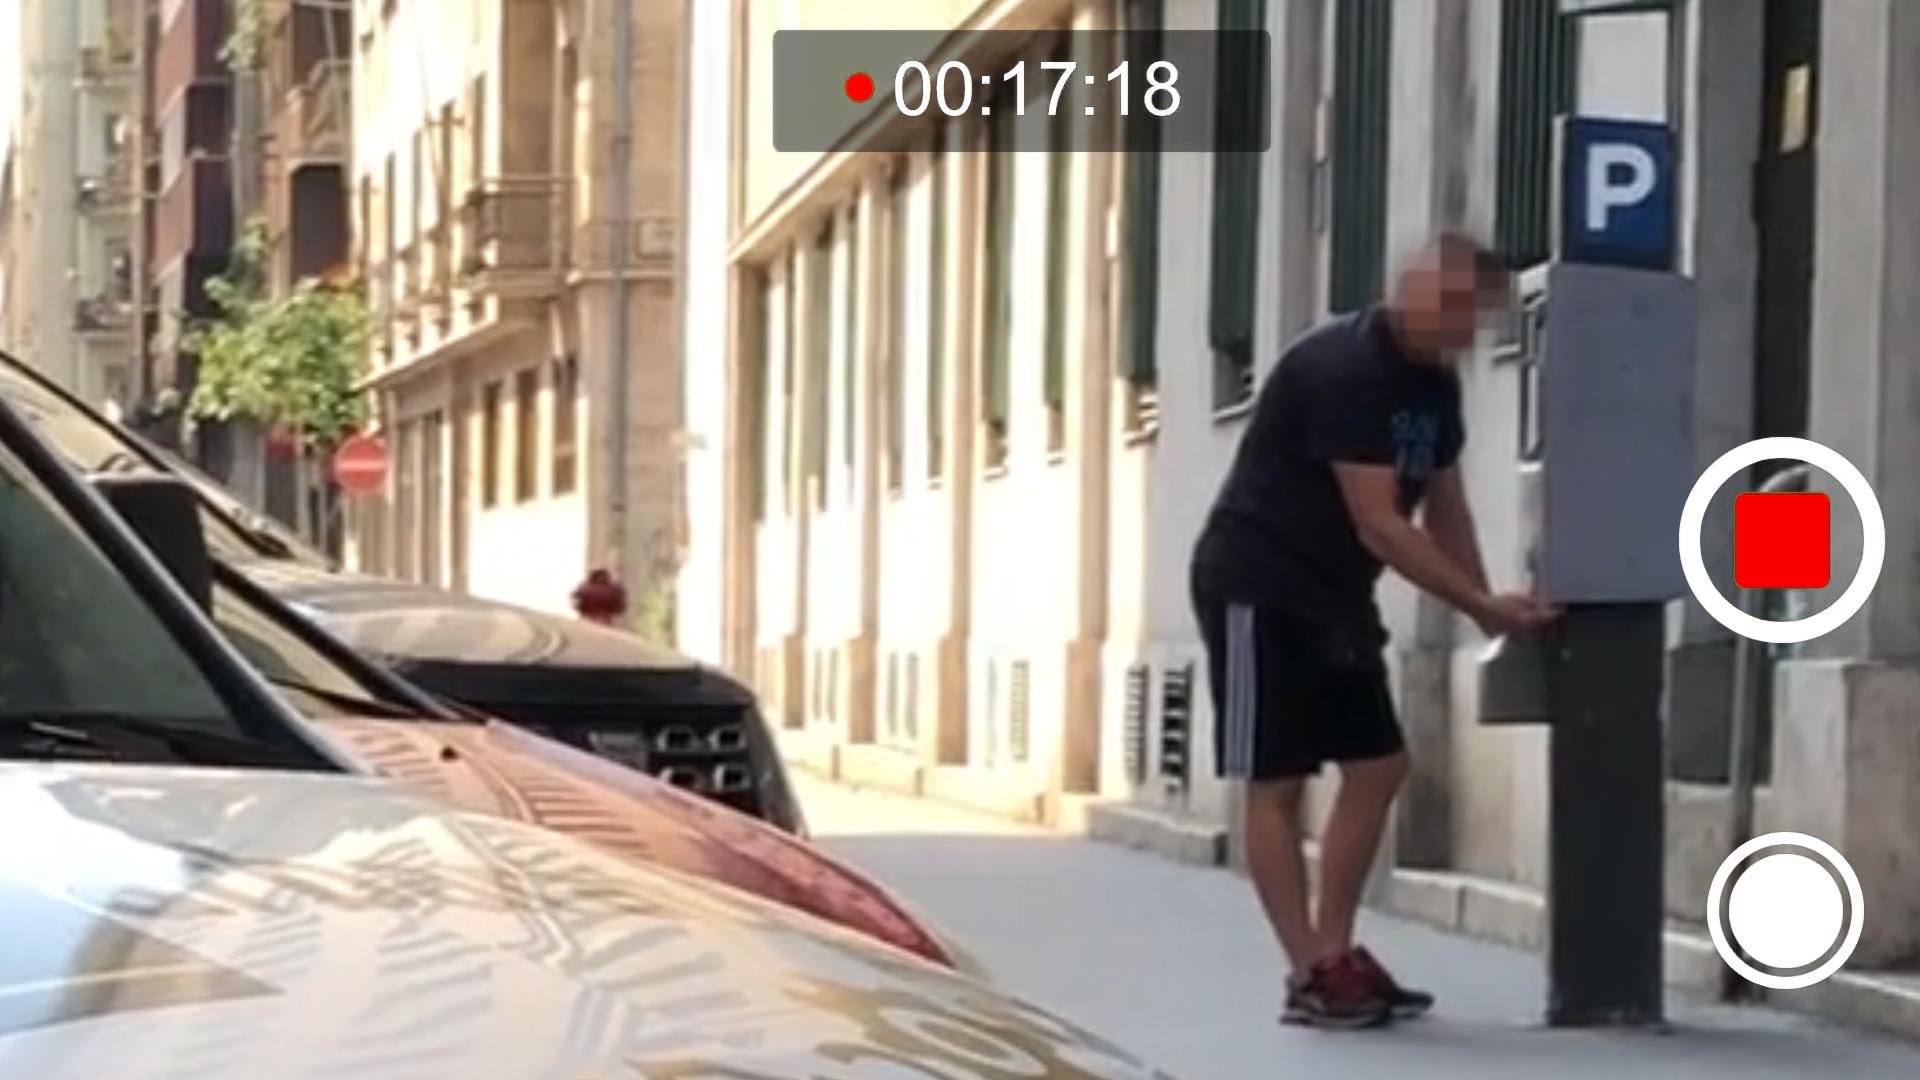 Óriási WIN, összegyűlt a pénz a parkolós videóra!